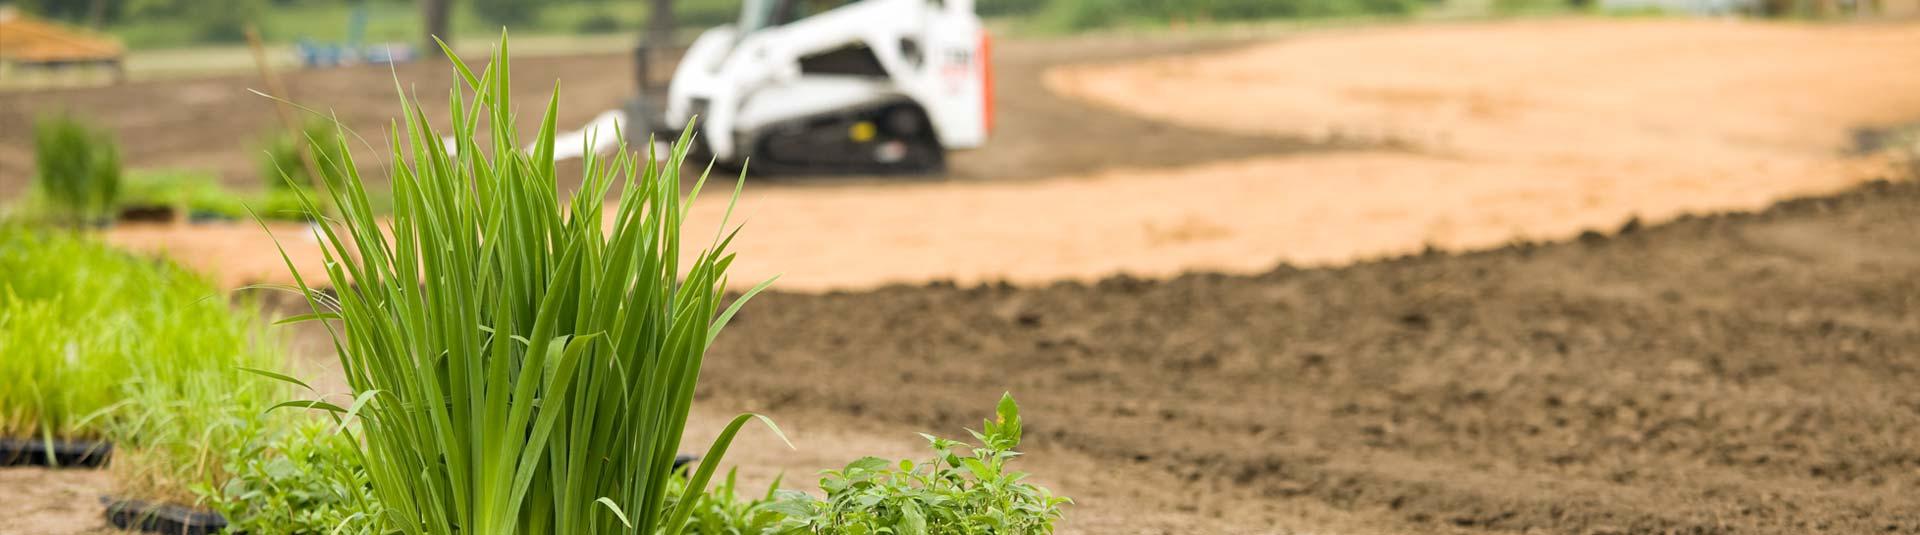 landscaping richmond va